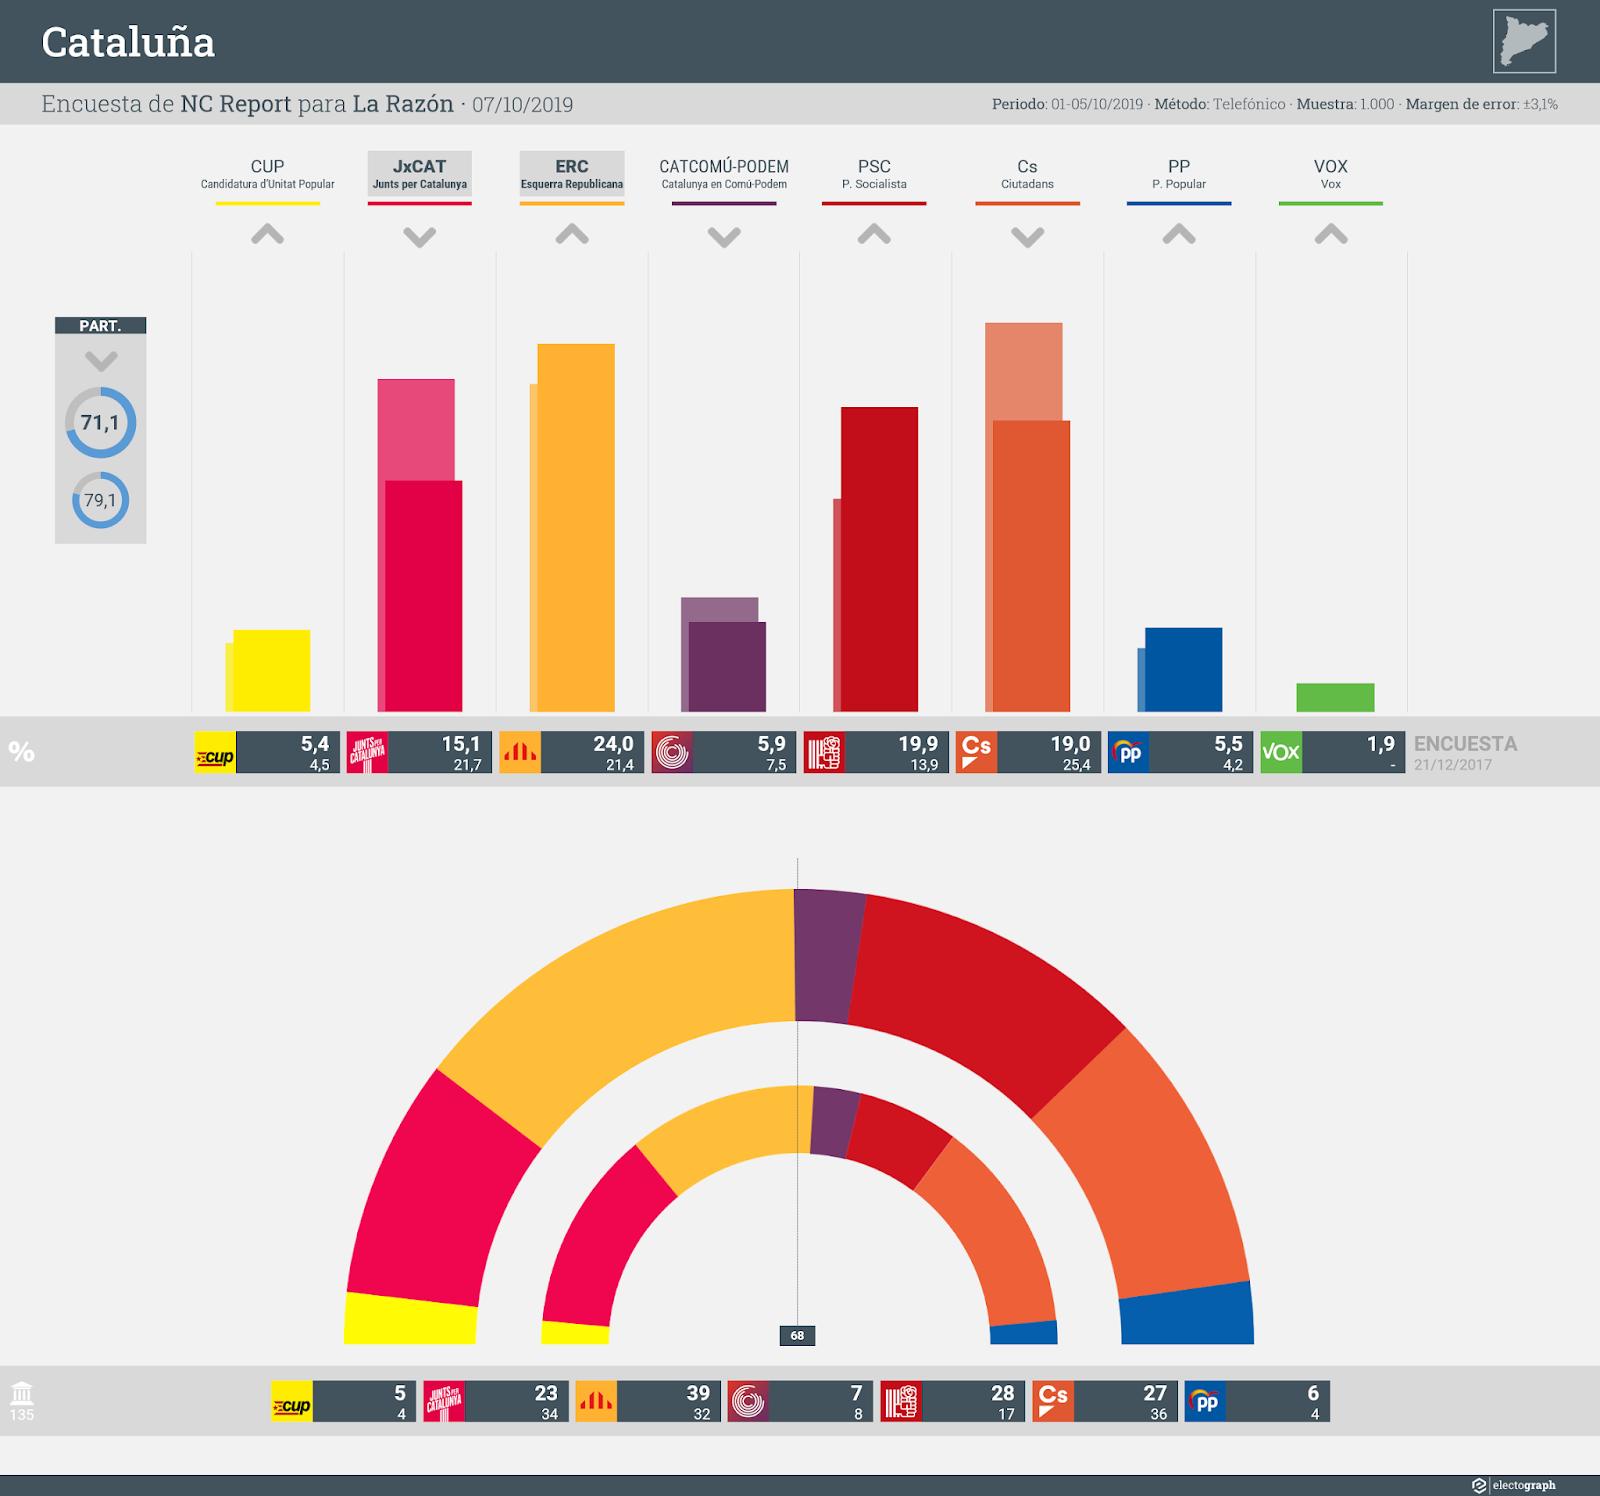 Gráfico de la encuesta para elecciones autonómicas en Cataluña realizada por NC Report para La Razón, 7 de octubre de 2019